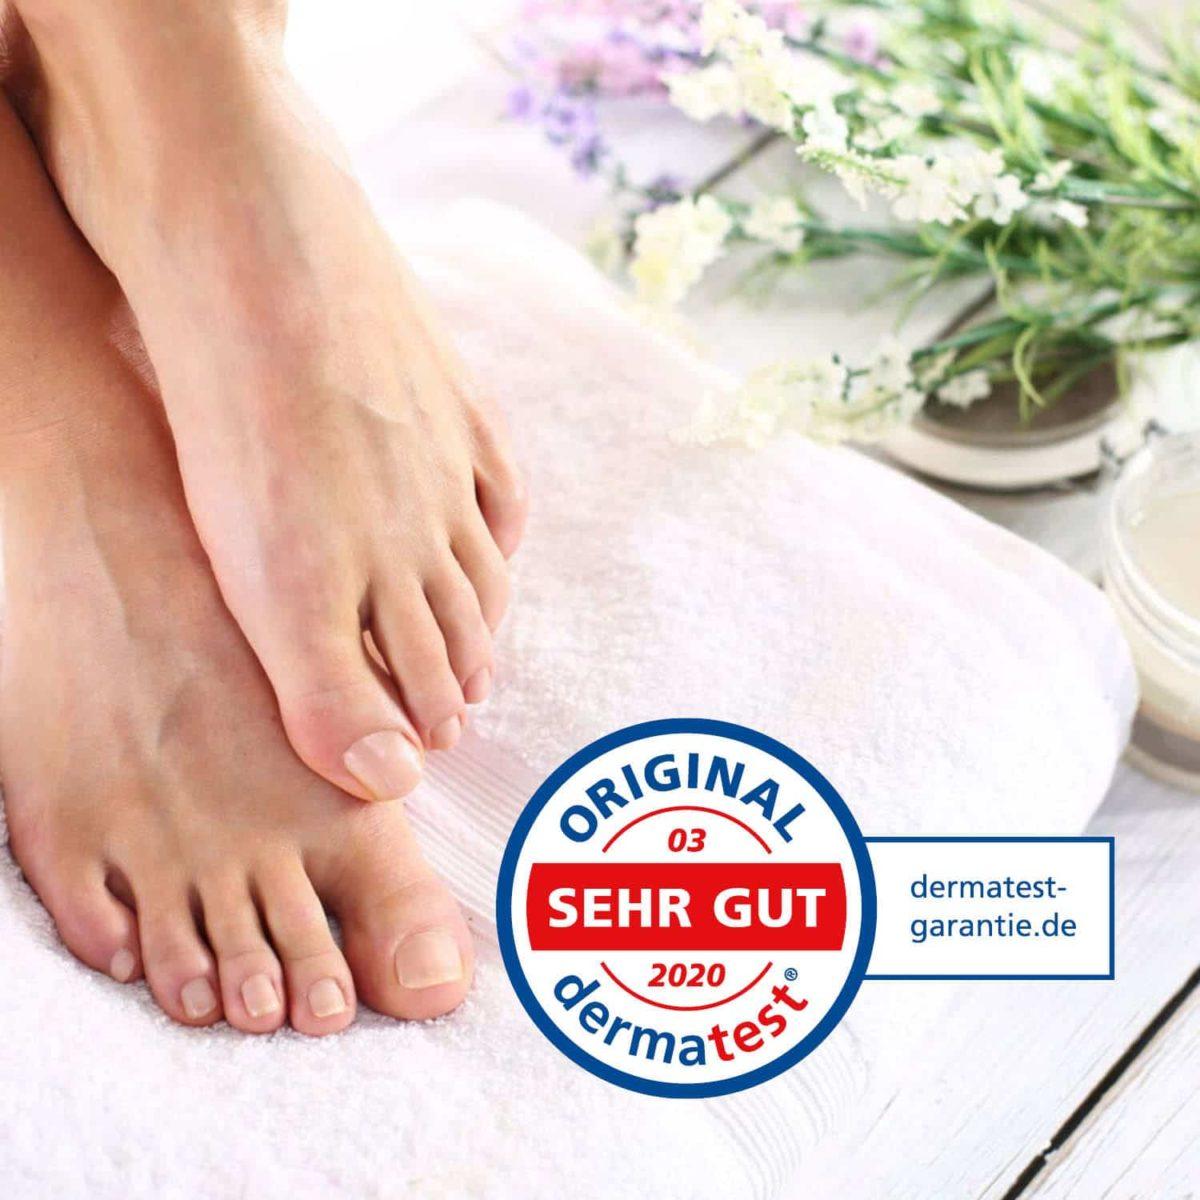 Casida Set Apotheke Nagelöl Fußspray Rabatt Bundle PZN 10022445 10751322 Nagelpilz pflanzlich Natürlich Gesundheitsprodukte8